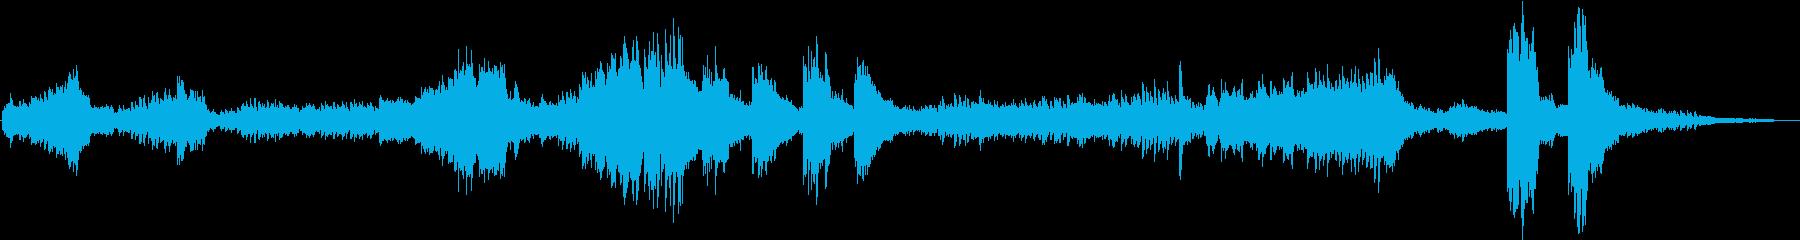 ショパン エチュード Op10 No9の再生済みの波形